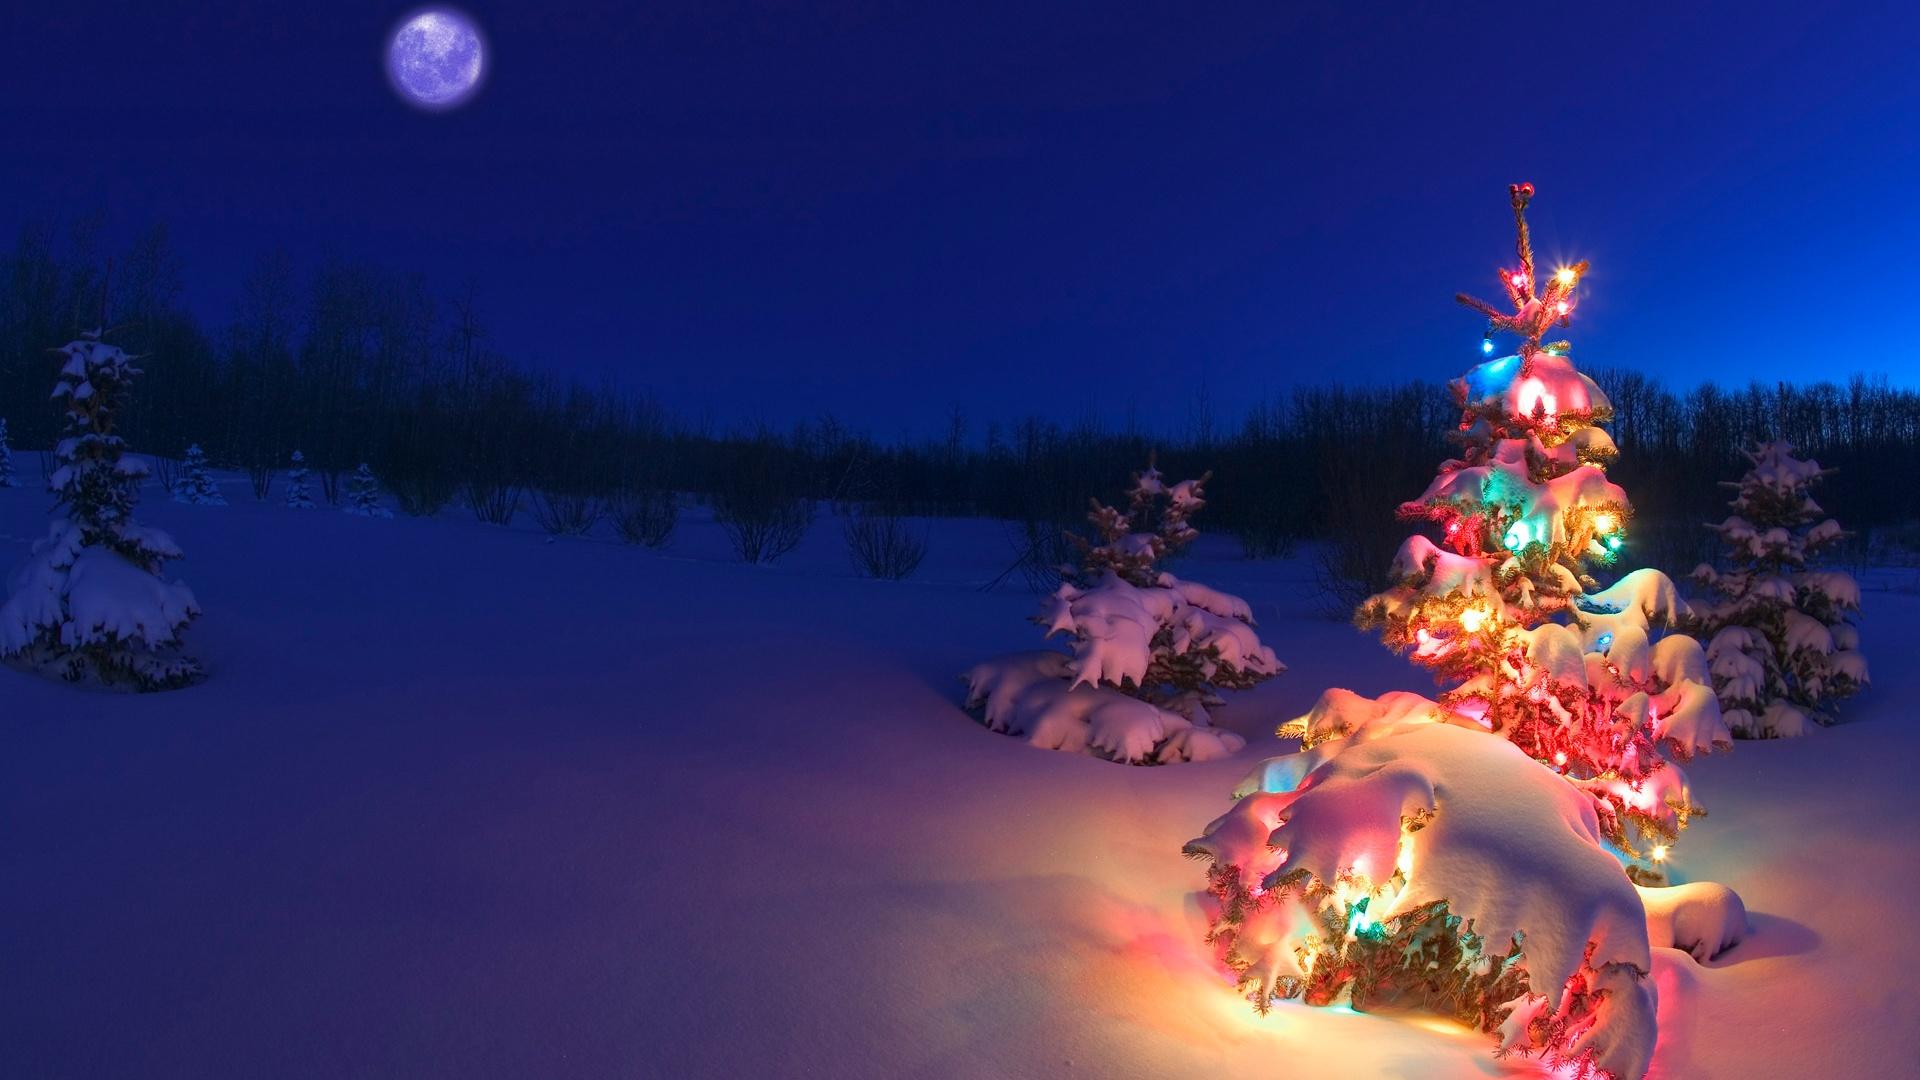 mooie christelijke kerstliederen